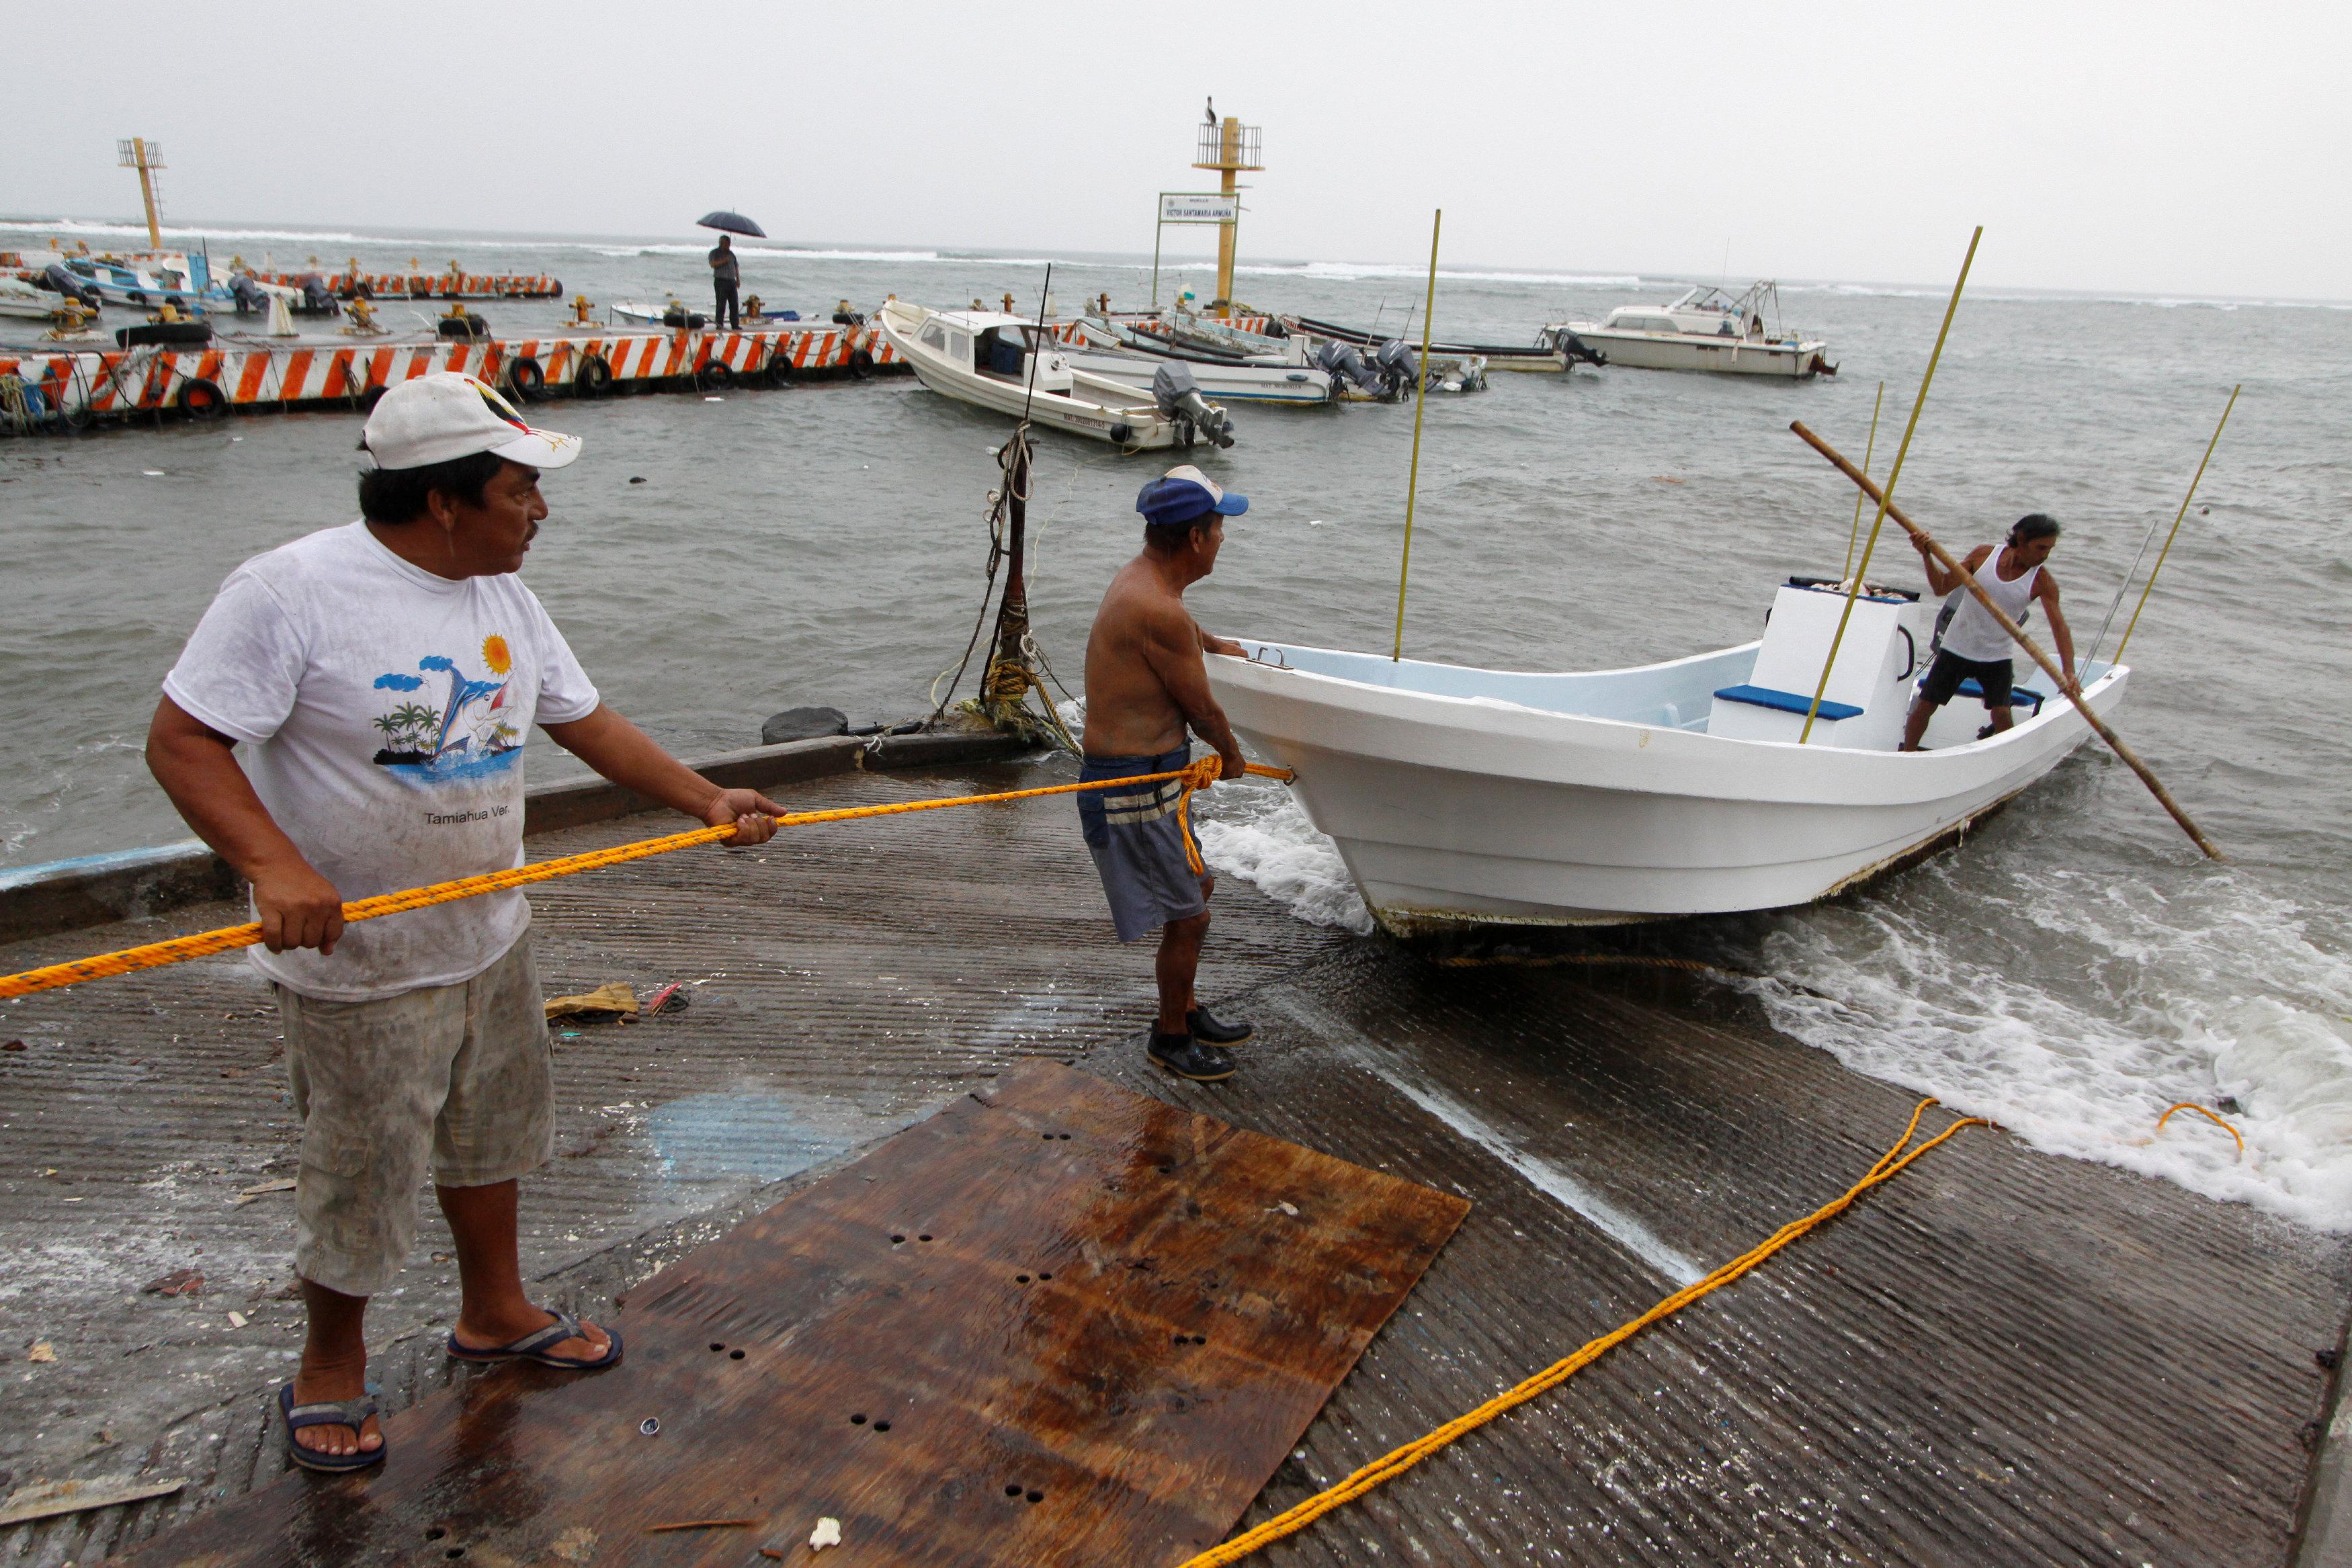 Un grupo de pescadores sacan un bote del mar en Veracruz(REUTERS/Victor Yanez)